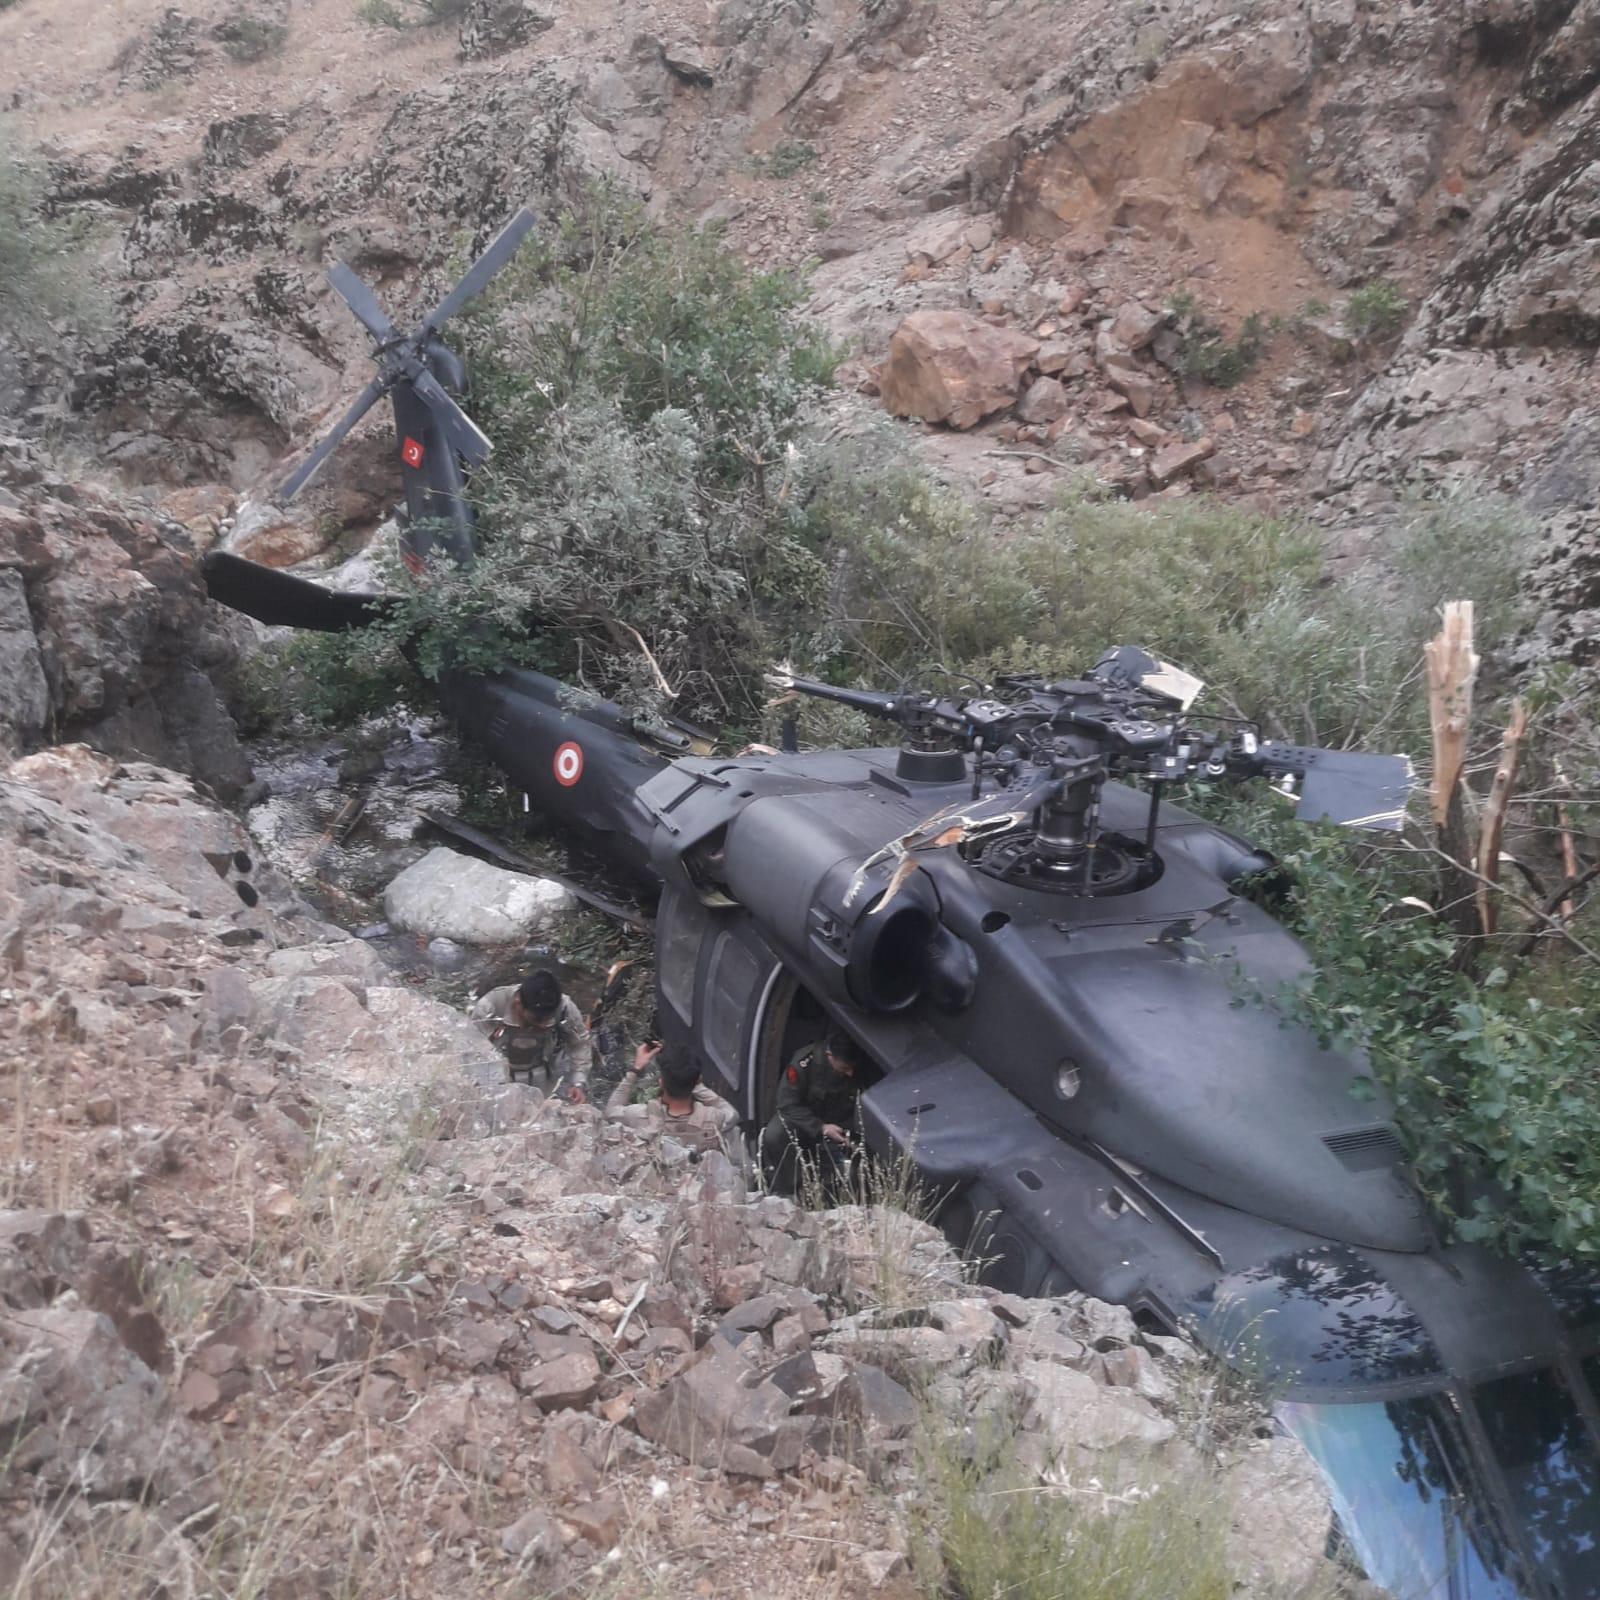 bingolde-askerleri-tasiyan-helikopter-ariza-nedeniyle-zorunlu-inis-yapti-9225-dhaphoto1.jpg